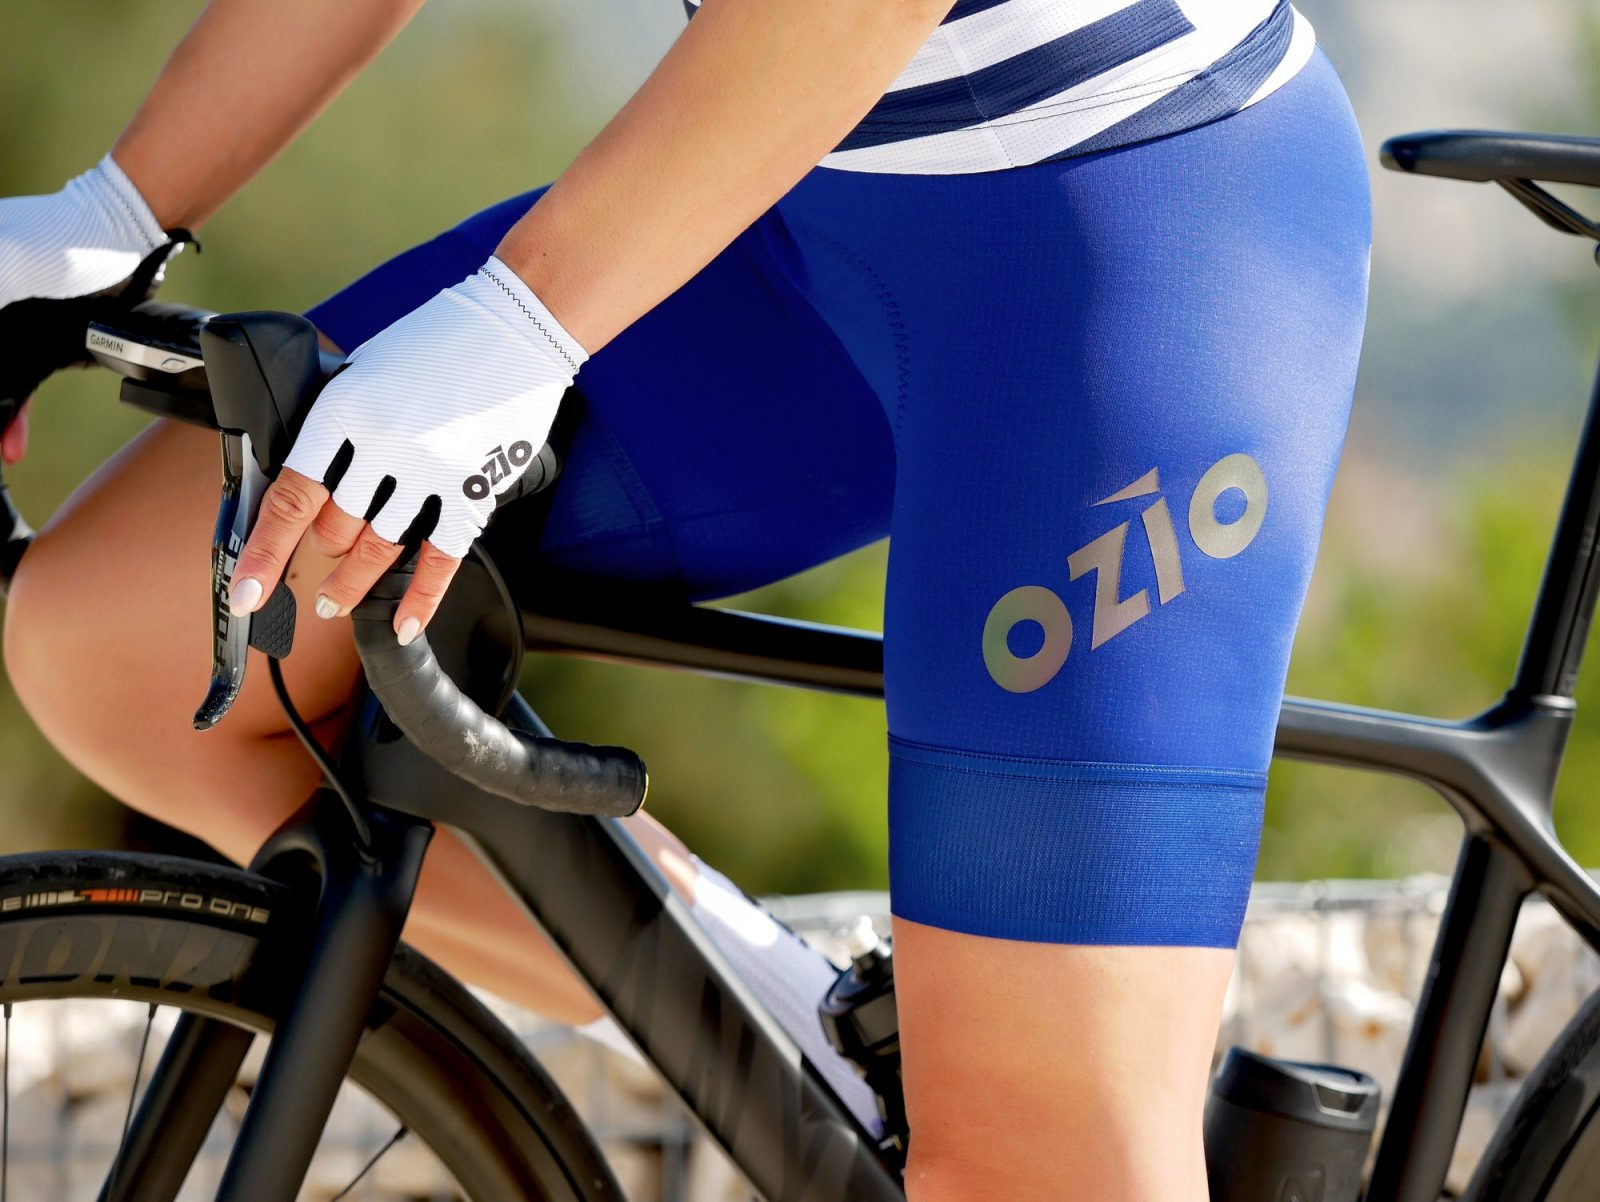 Cuissard de vélo femme bleu sans bretelles OZIO